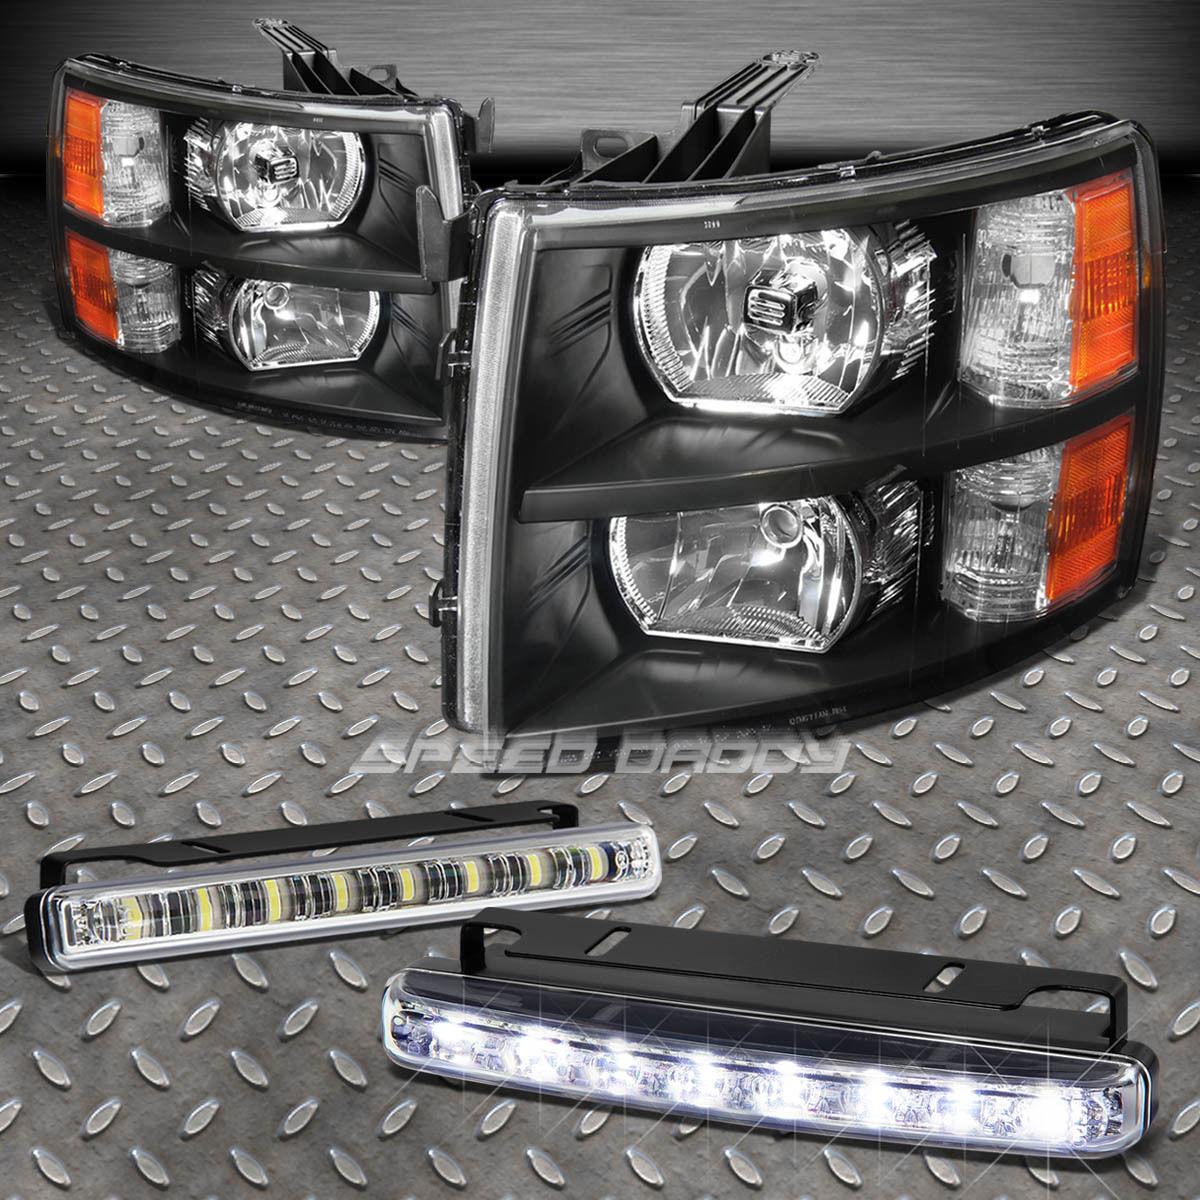 フォグライト SIGNAL BUMPER LAMP+HEADLIGHT BLACK HOUSING+LED FOG LIGHT FITS 07-13 SILVERADO 信号バンパーランプ+ヘッドライトブラックハウジング+ LEDフォグライトフィット07-13 SILVERADO